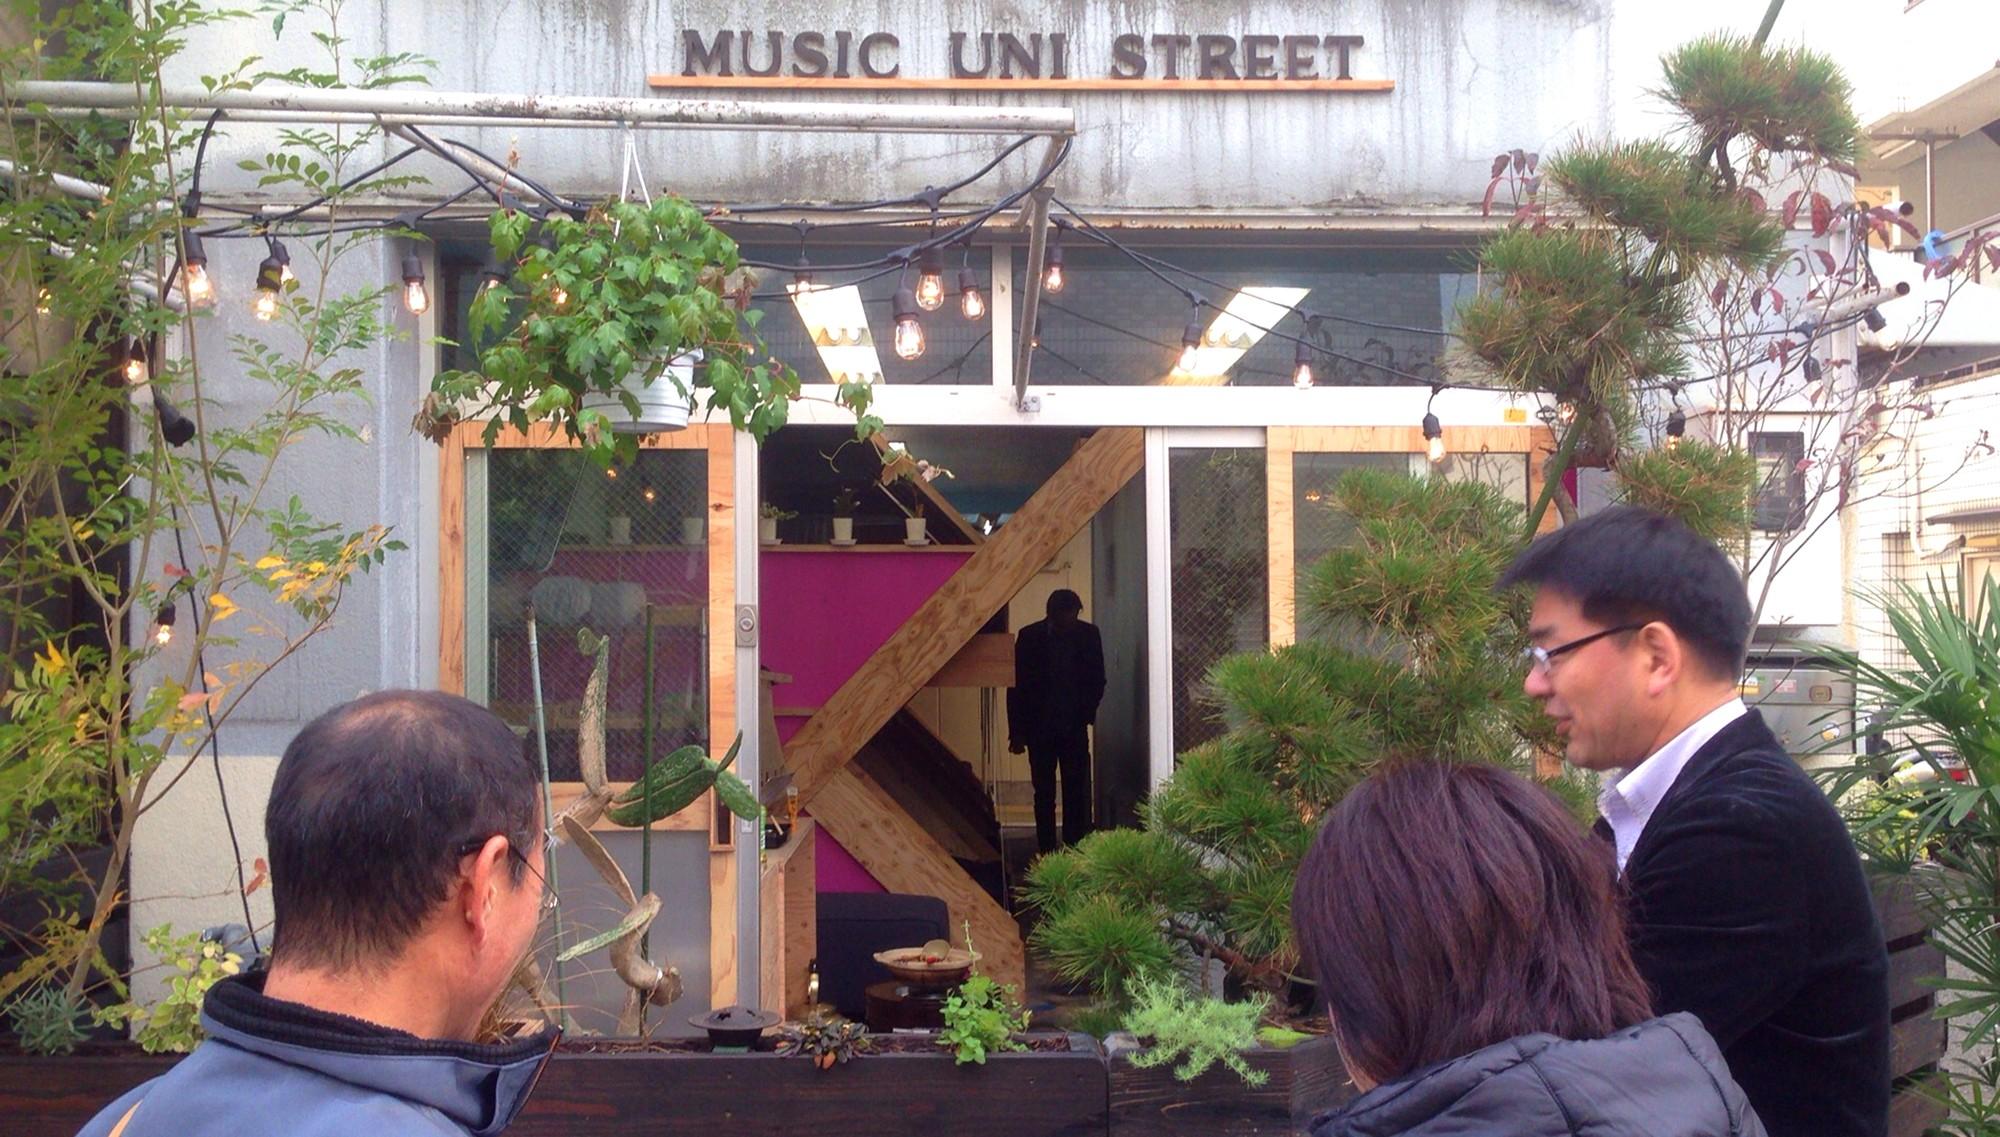 外観事例:14個のBEDが見えるファサード(Music Uni Street Backpackers Hostel)